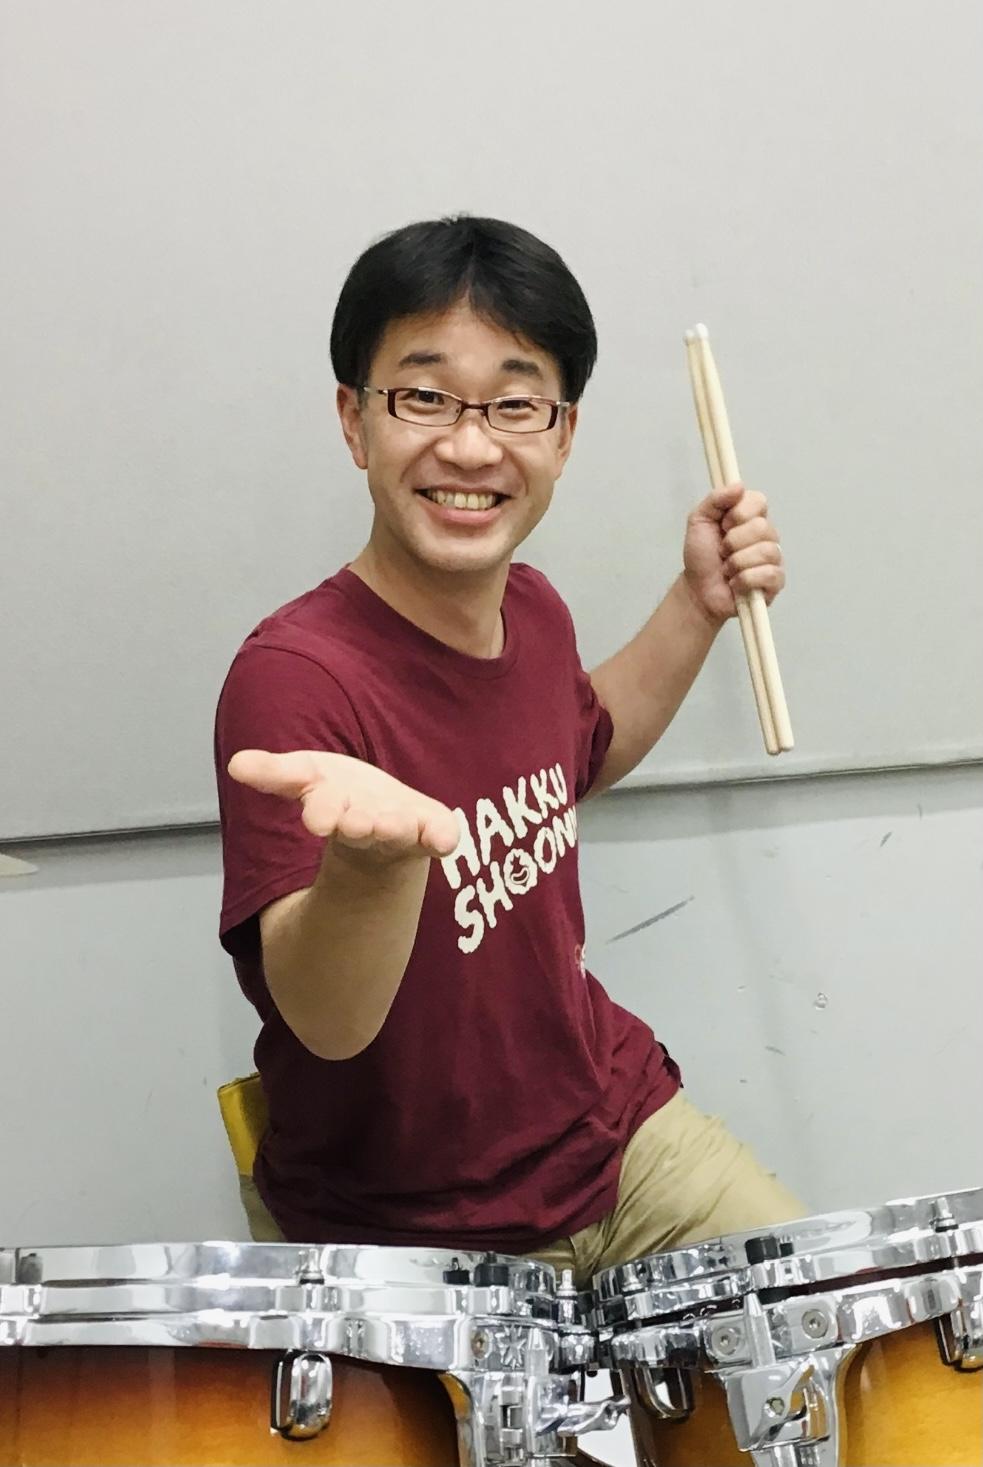 春日部 火曜日 ドラム 教室 寺岡先生